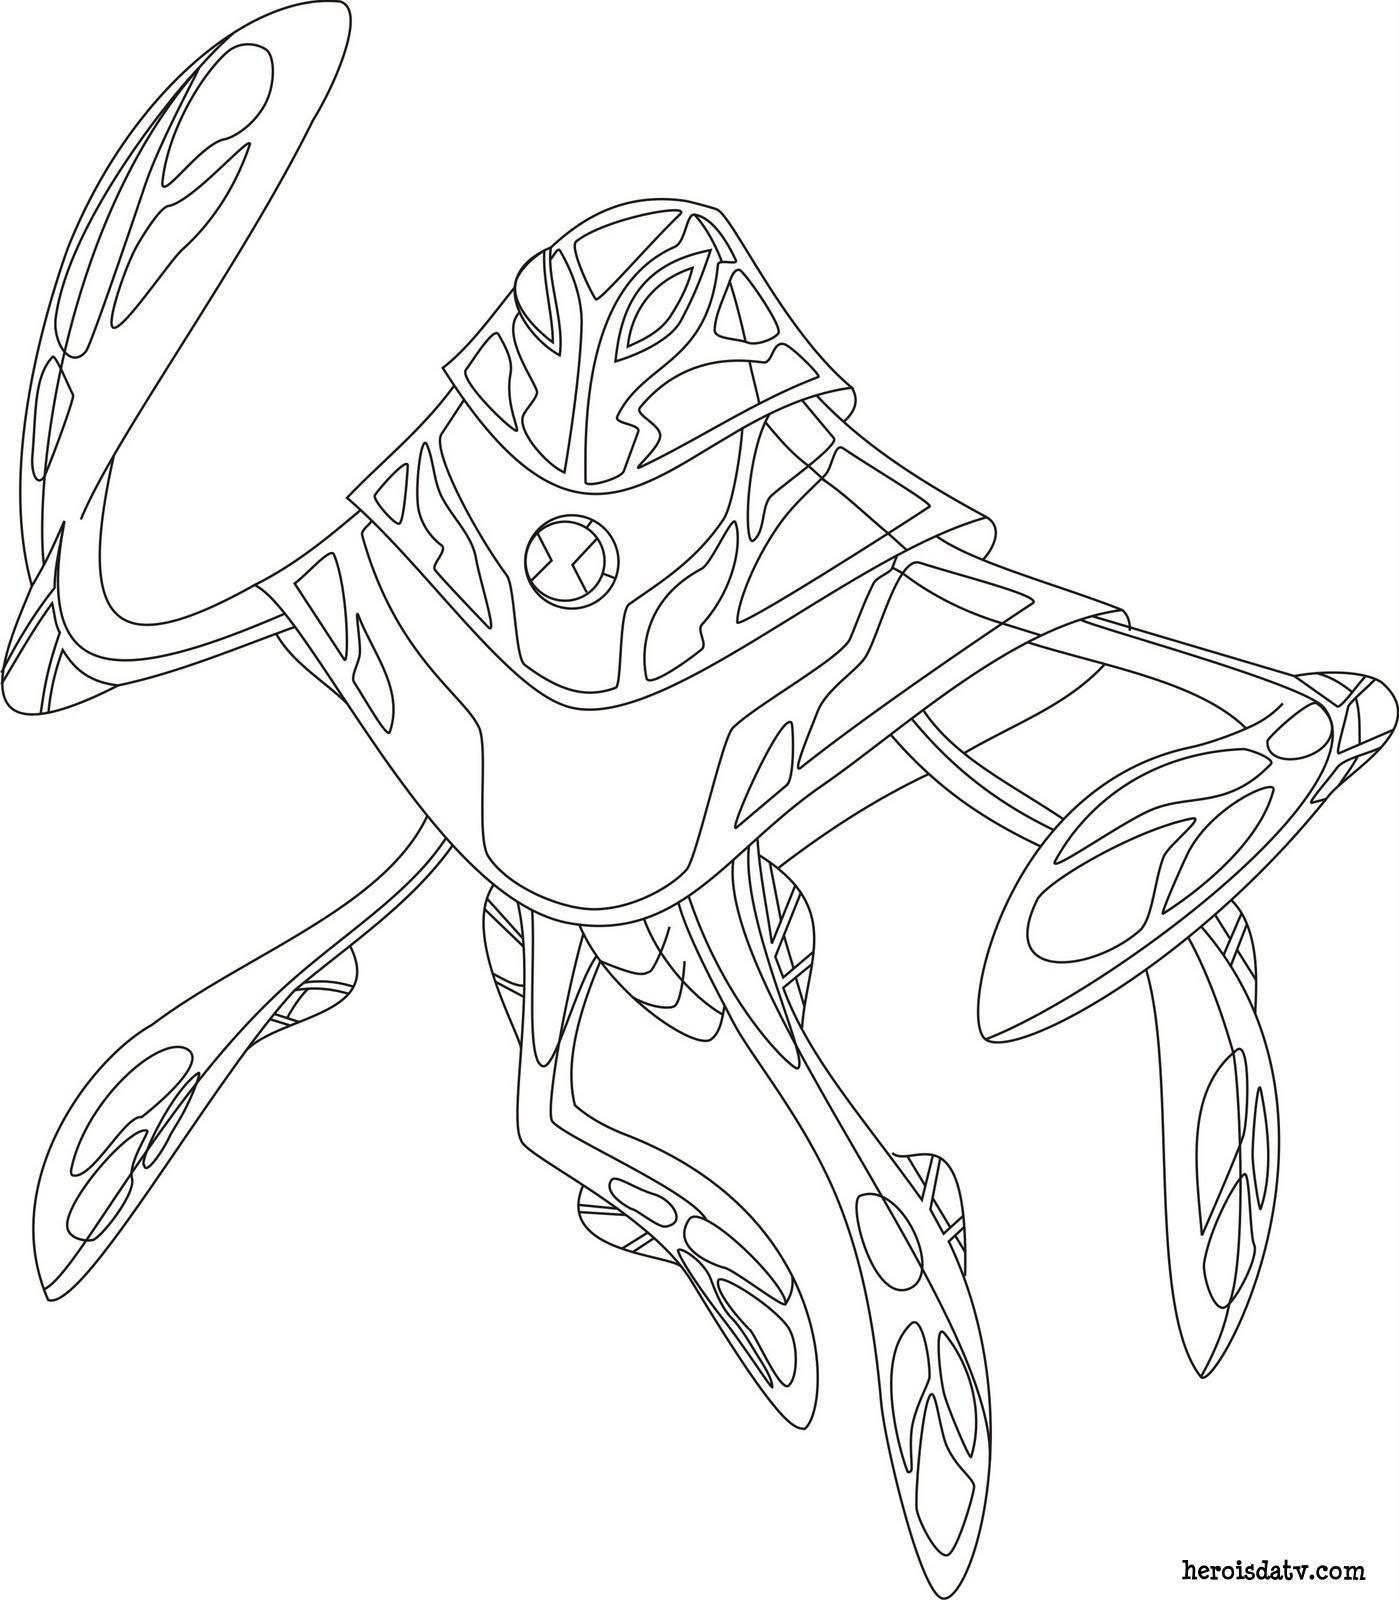 desenhos para colorir ben 10 supremacia alien u00edgena